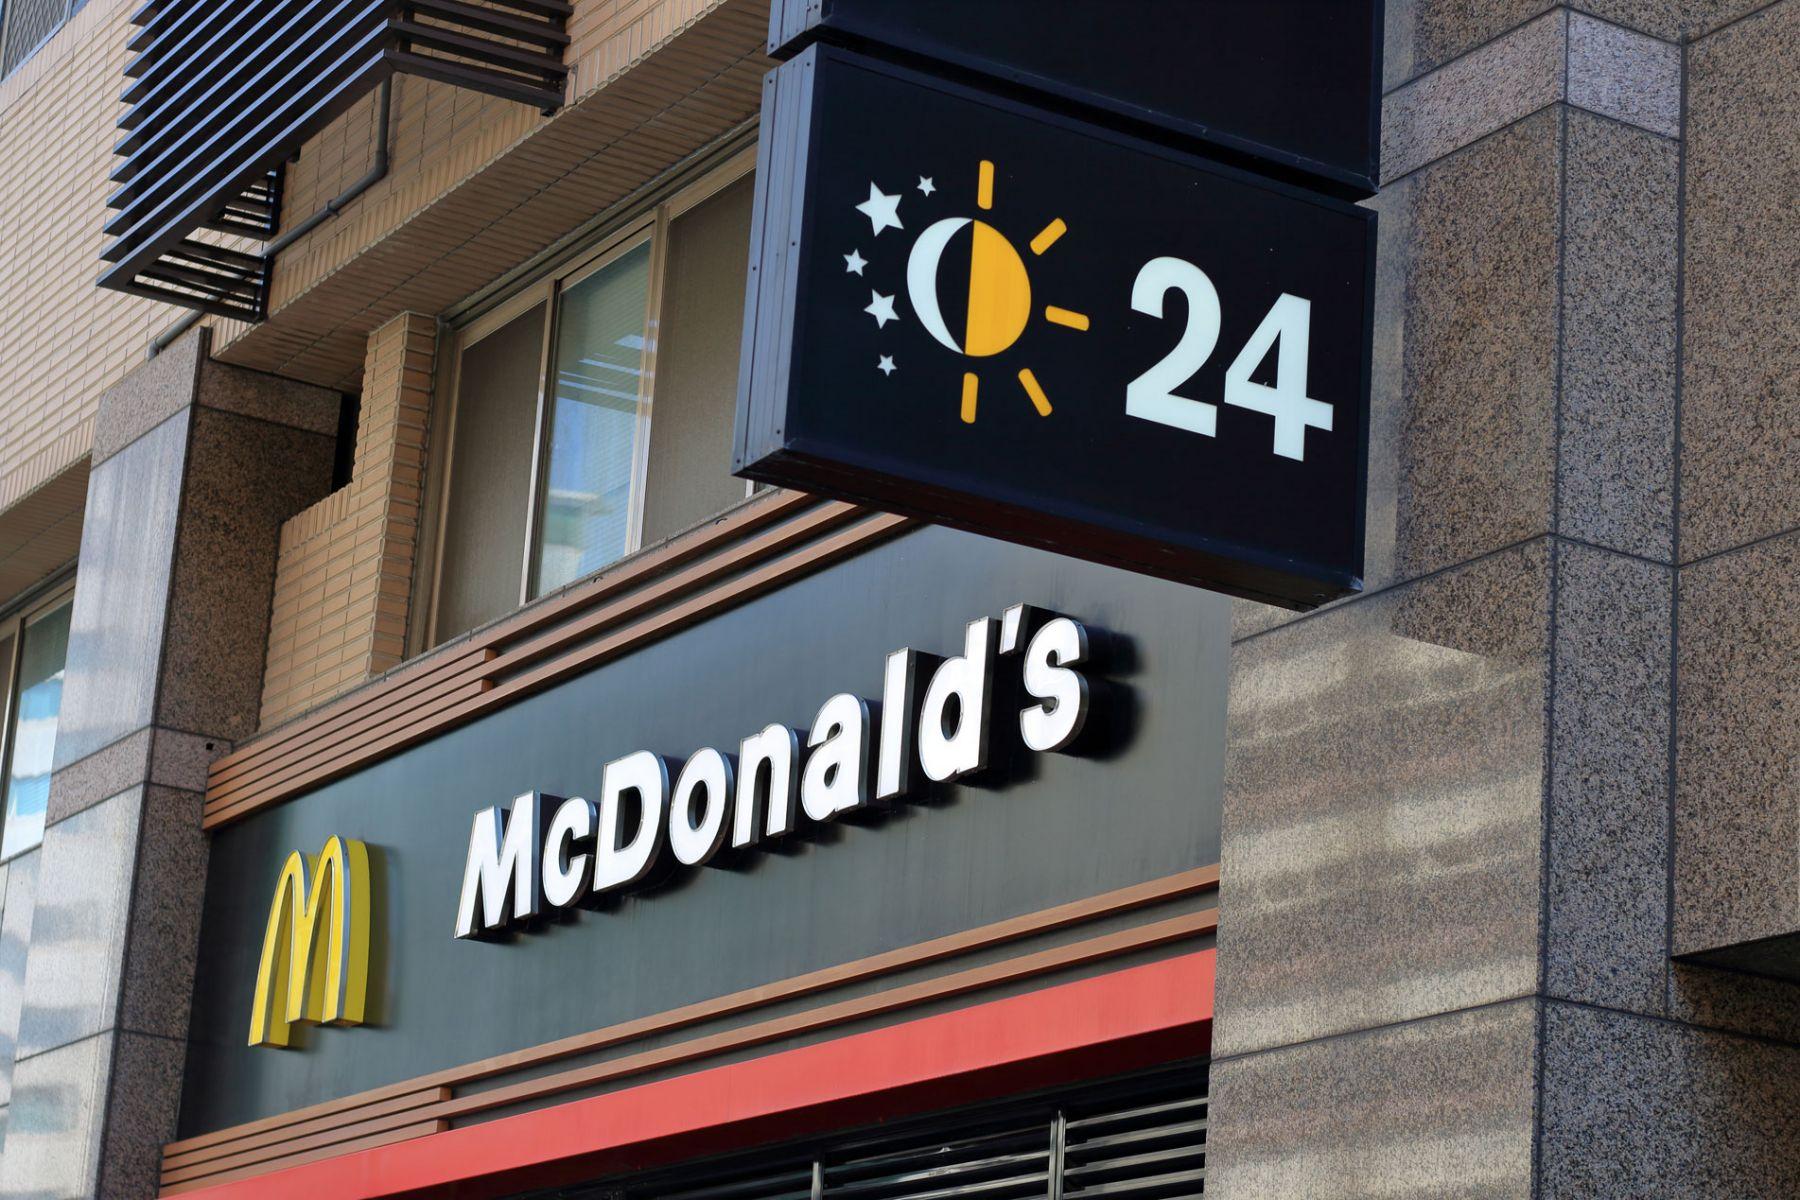 台灣麥當勞全球獨賣吐司早餐 業績拚增1成